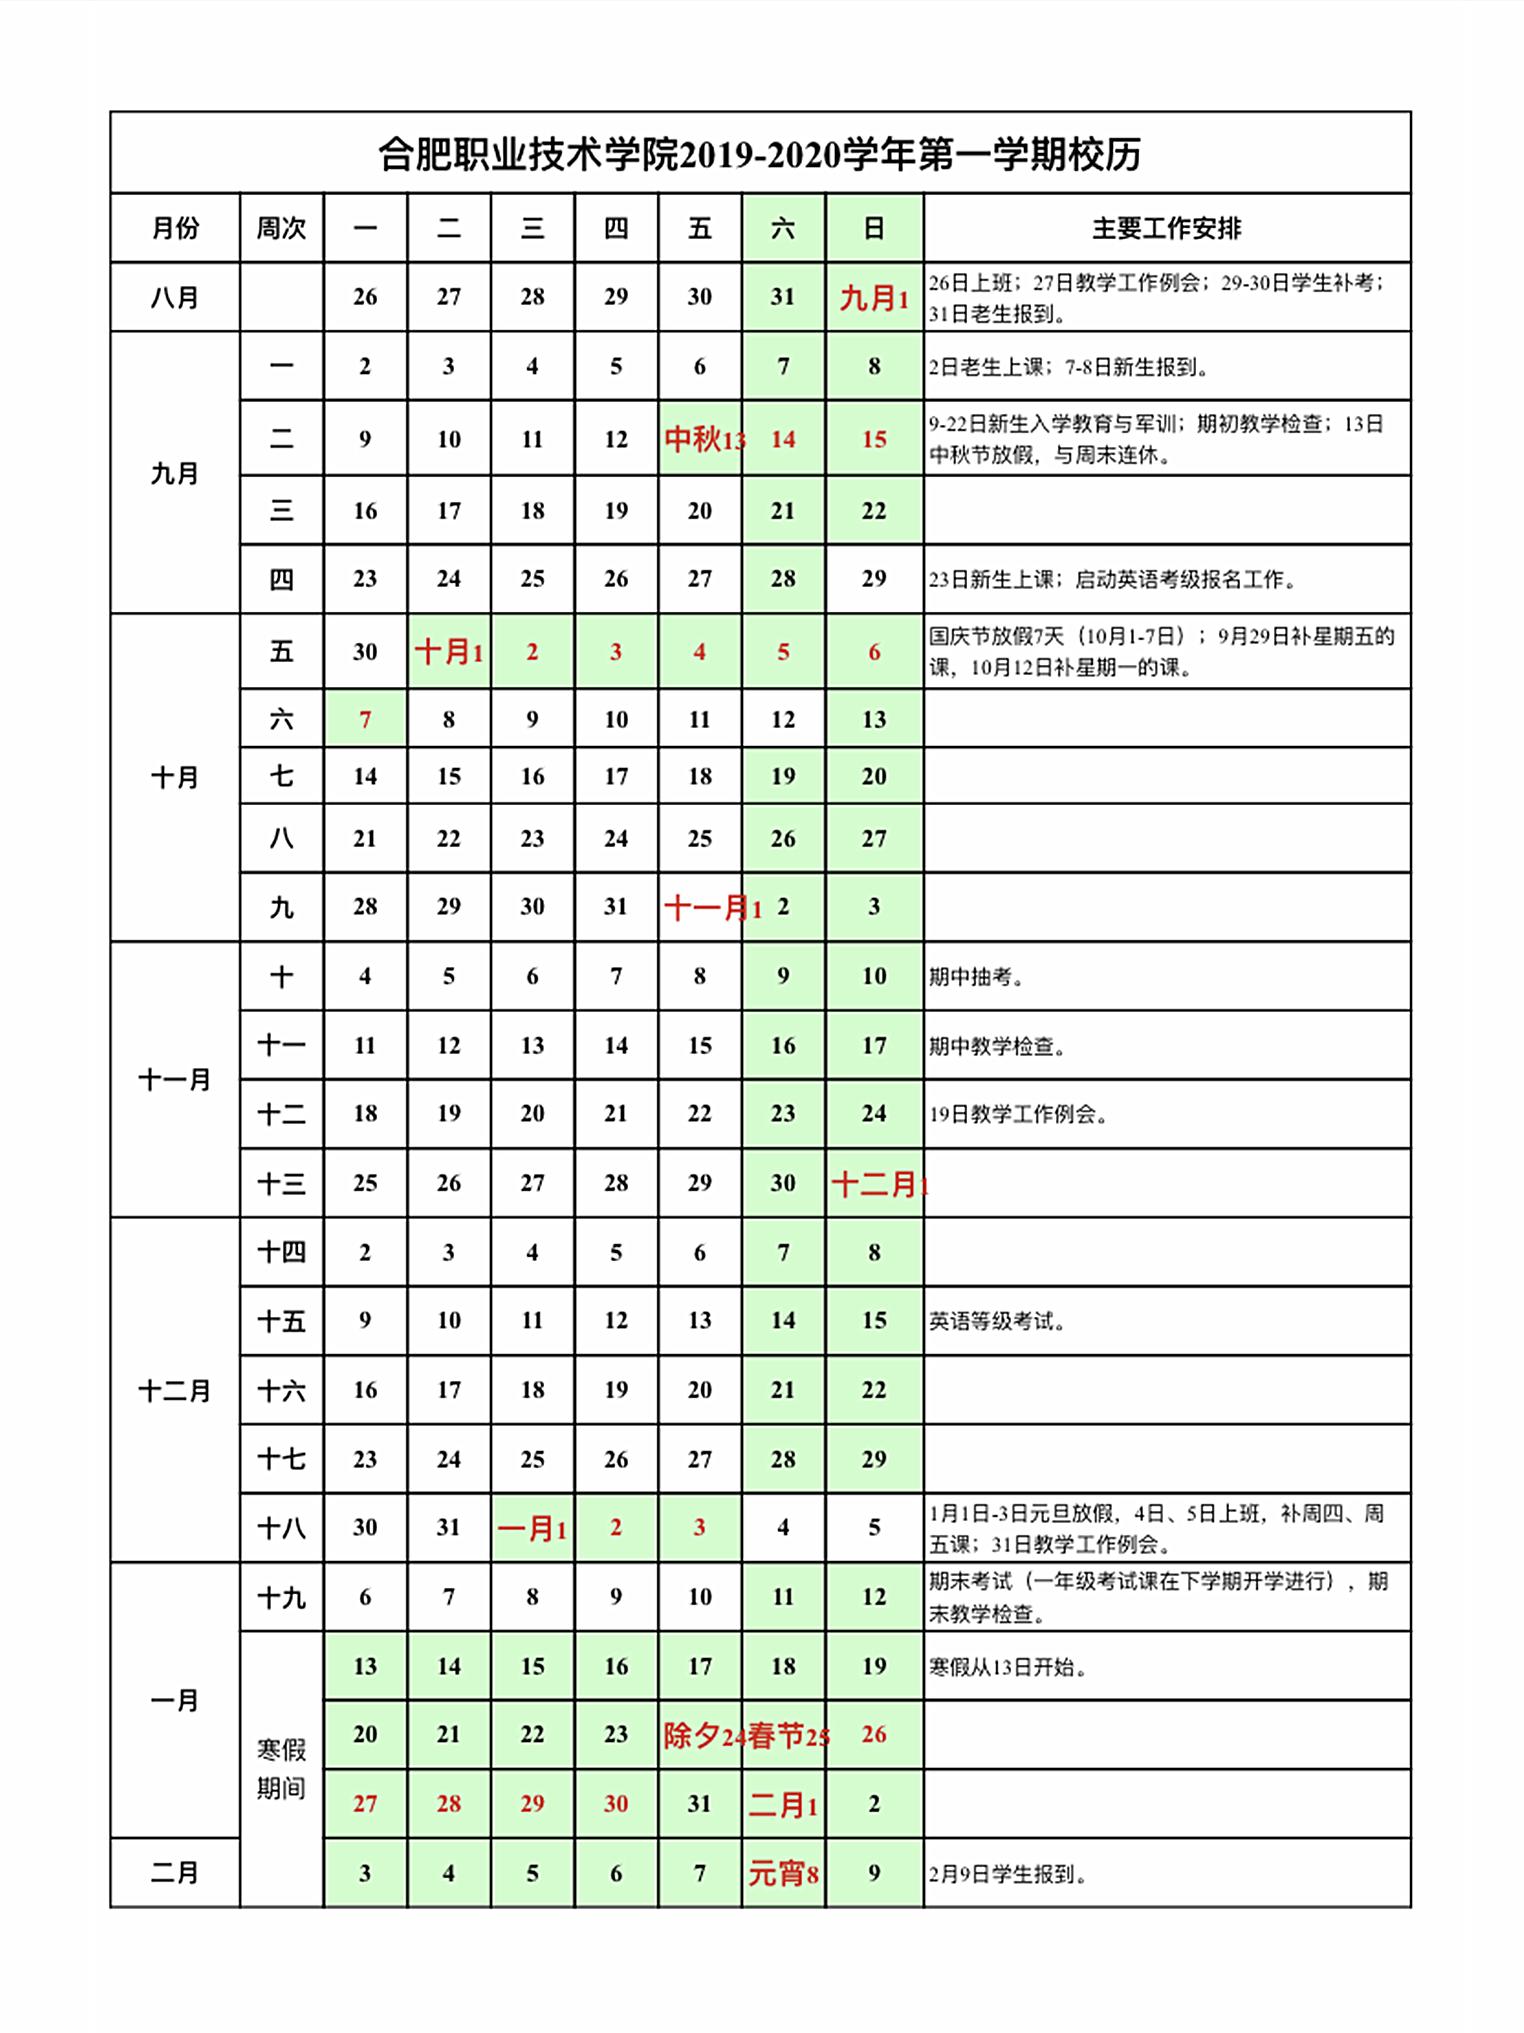 2019-2020学年第一学期校历